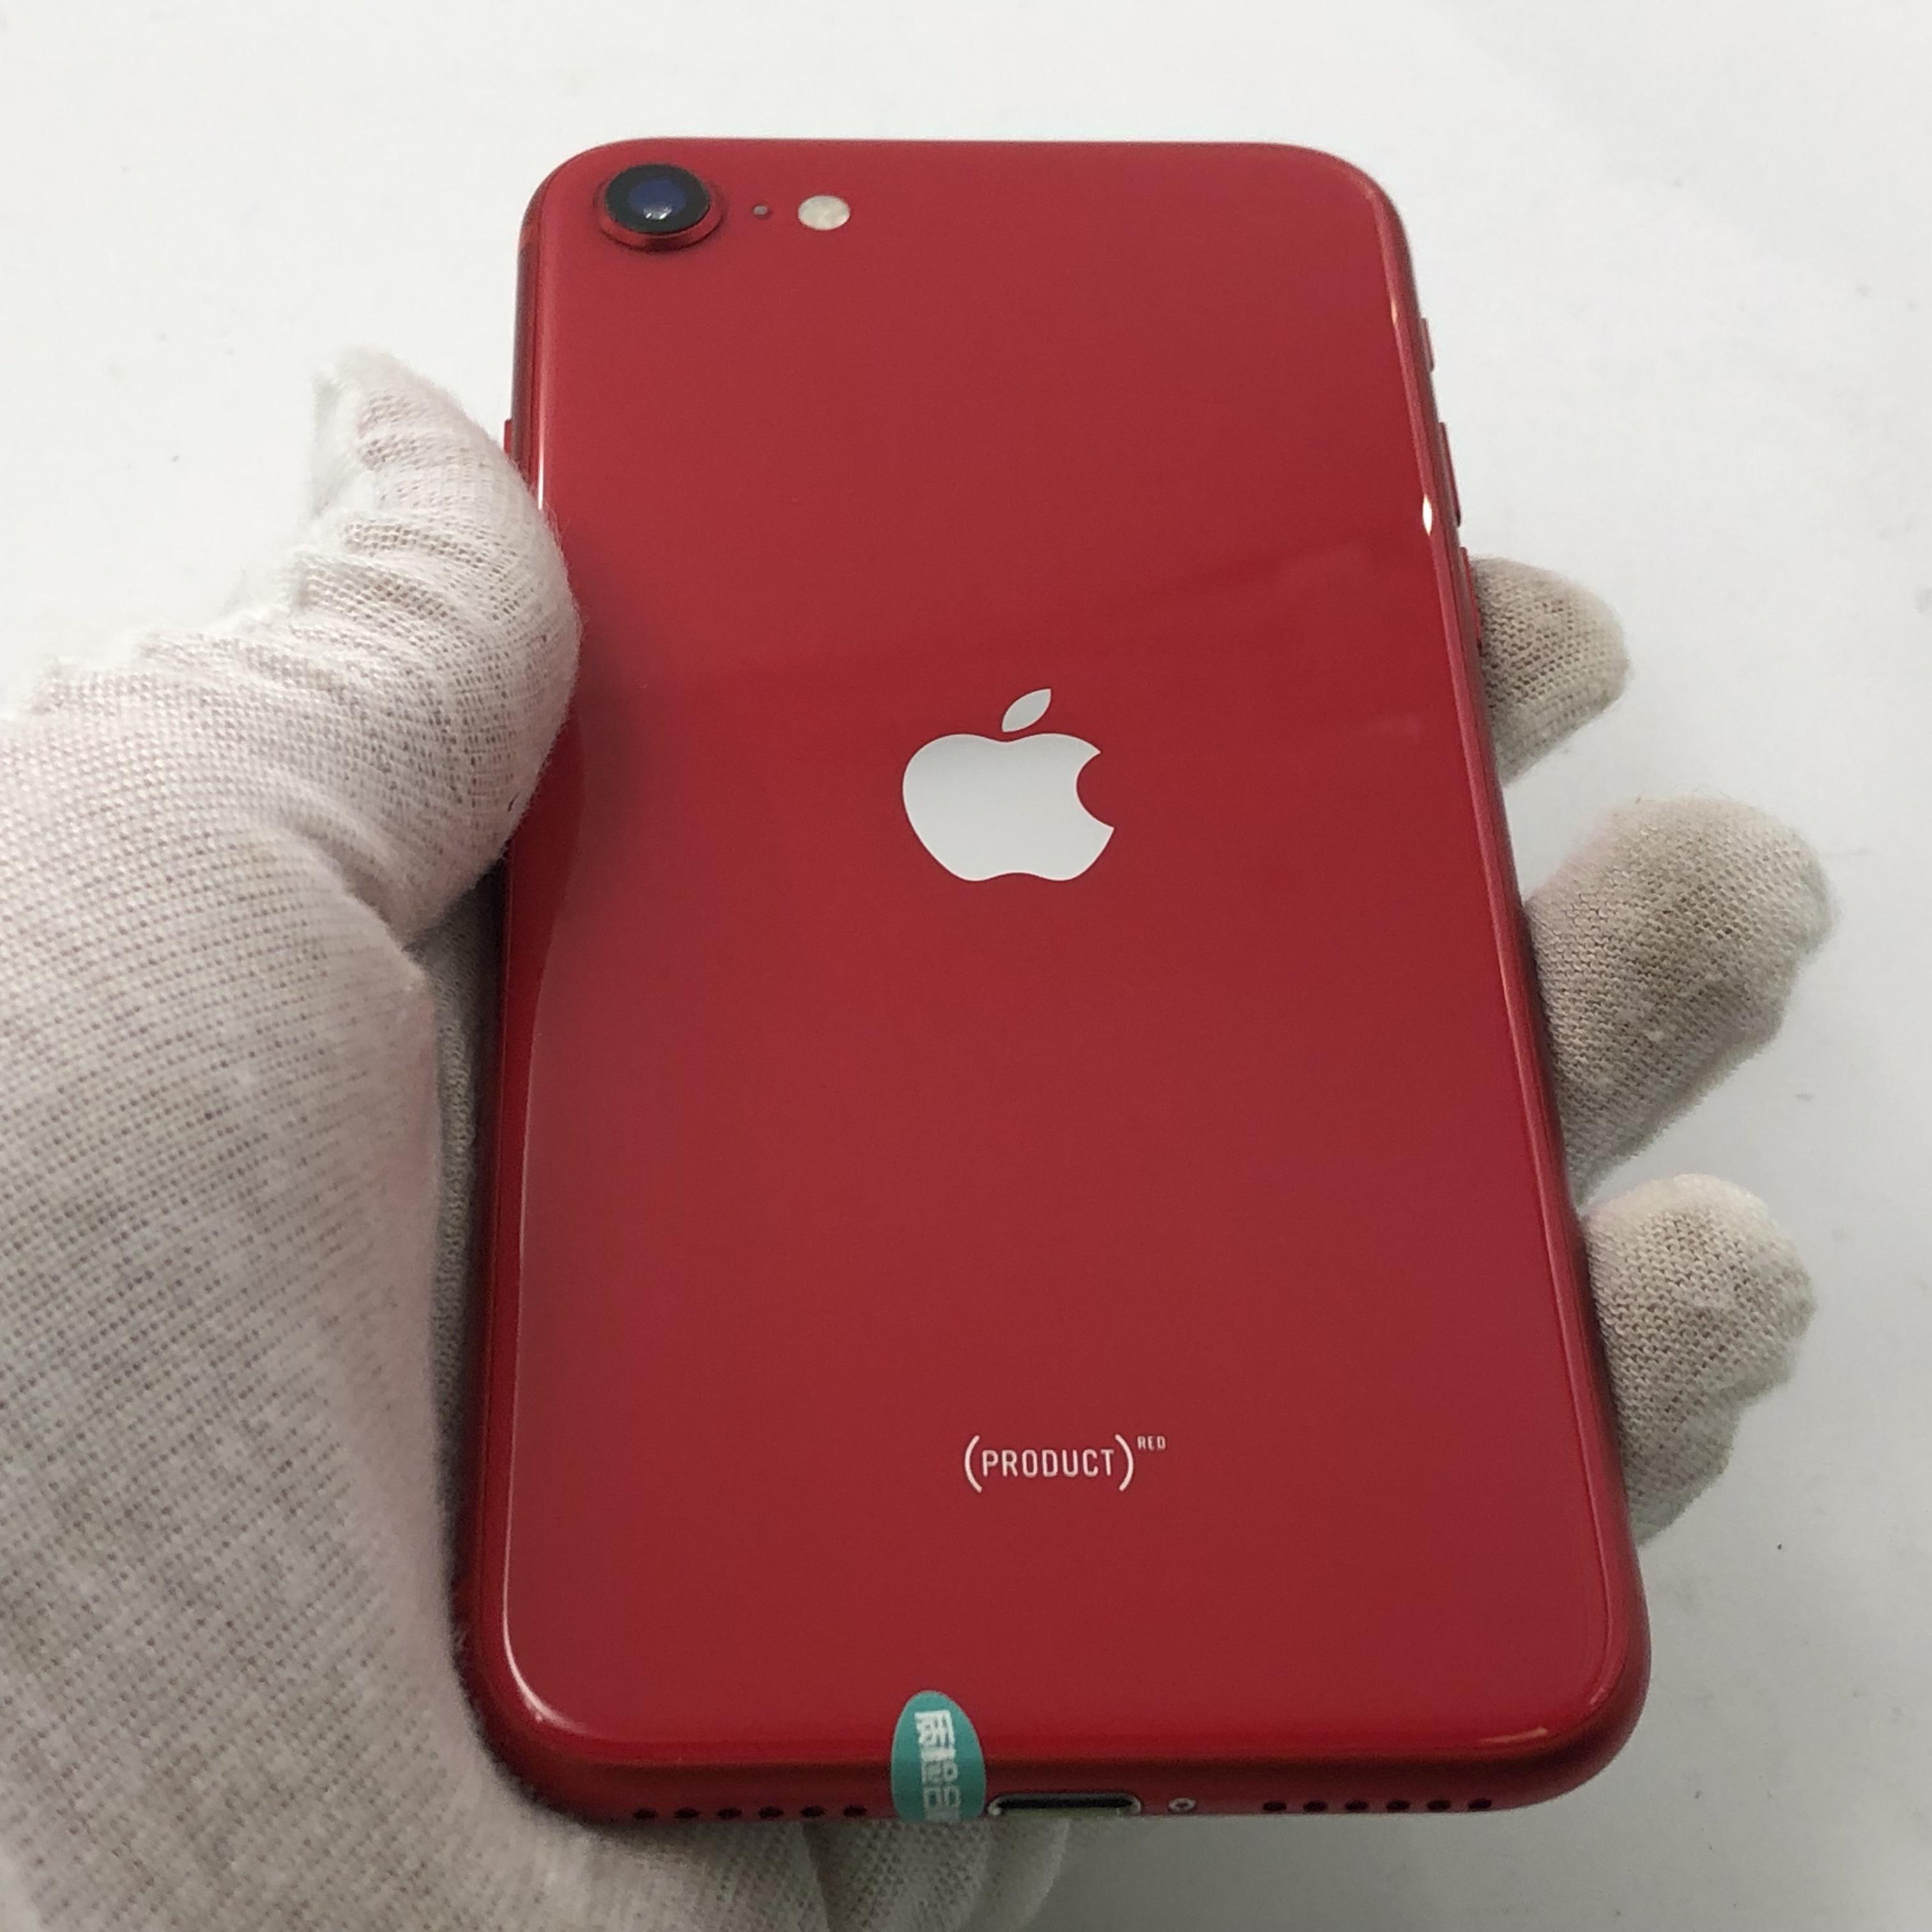 苹果【iPhone SE2】4G全网通 红色 128G 国行 95新